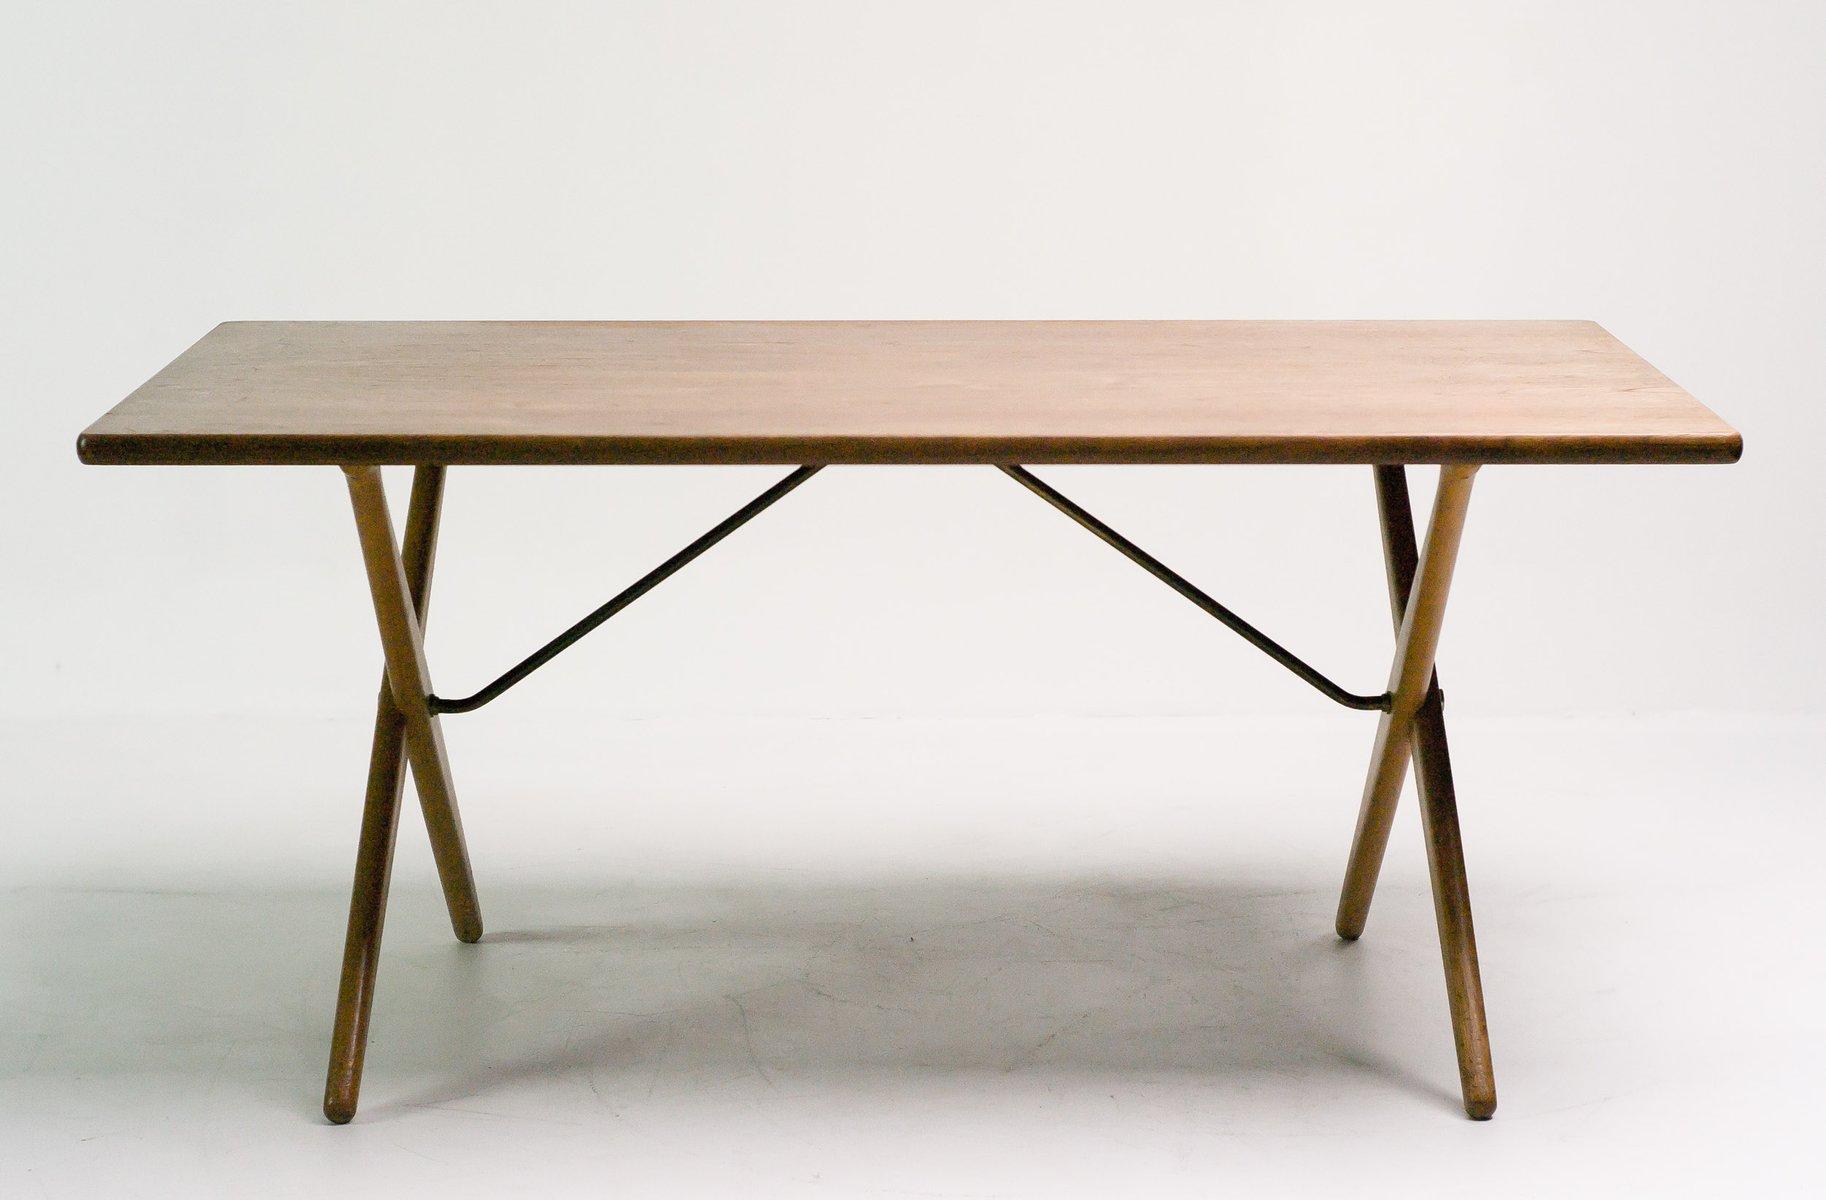 Table de salle manger at 303 avec chaises sawbuck ch29 for 3 suisses table de salle a manger